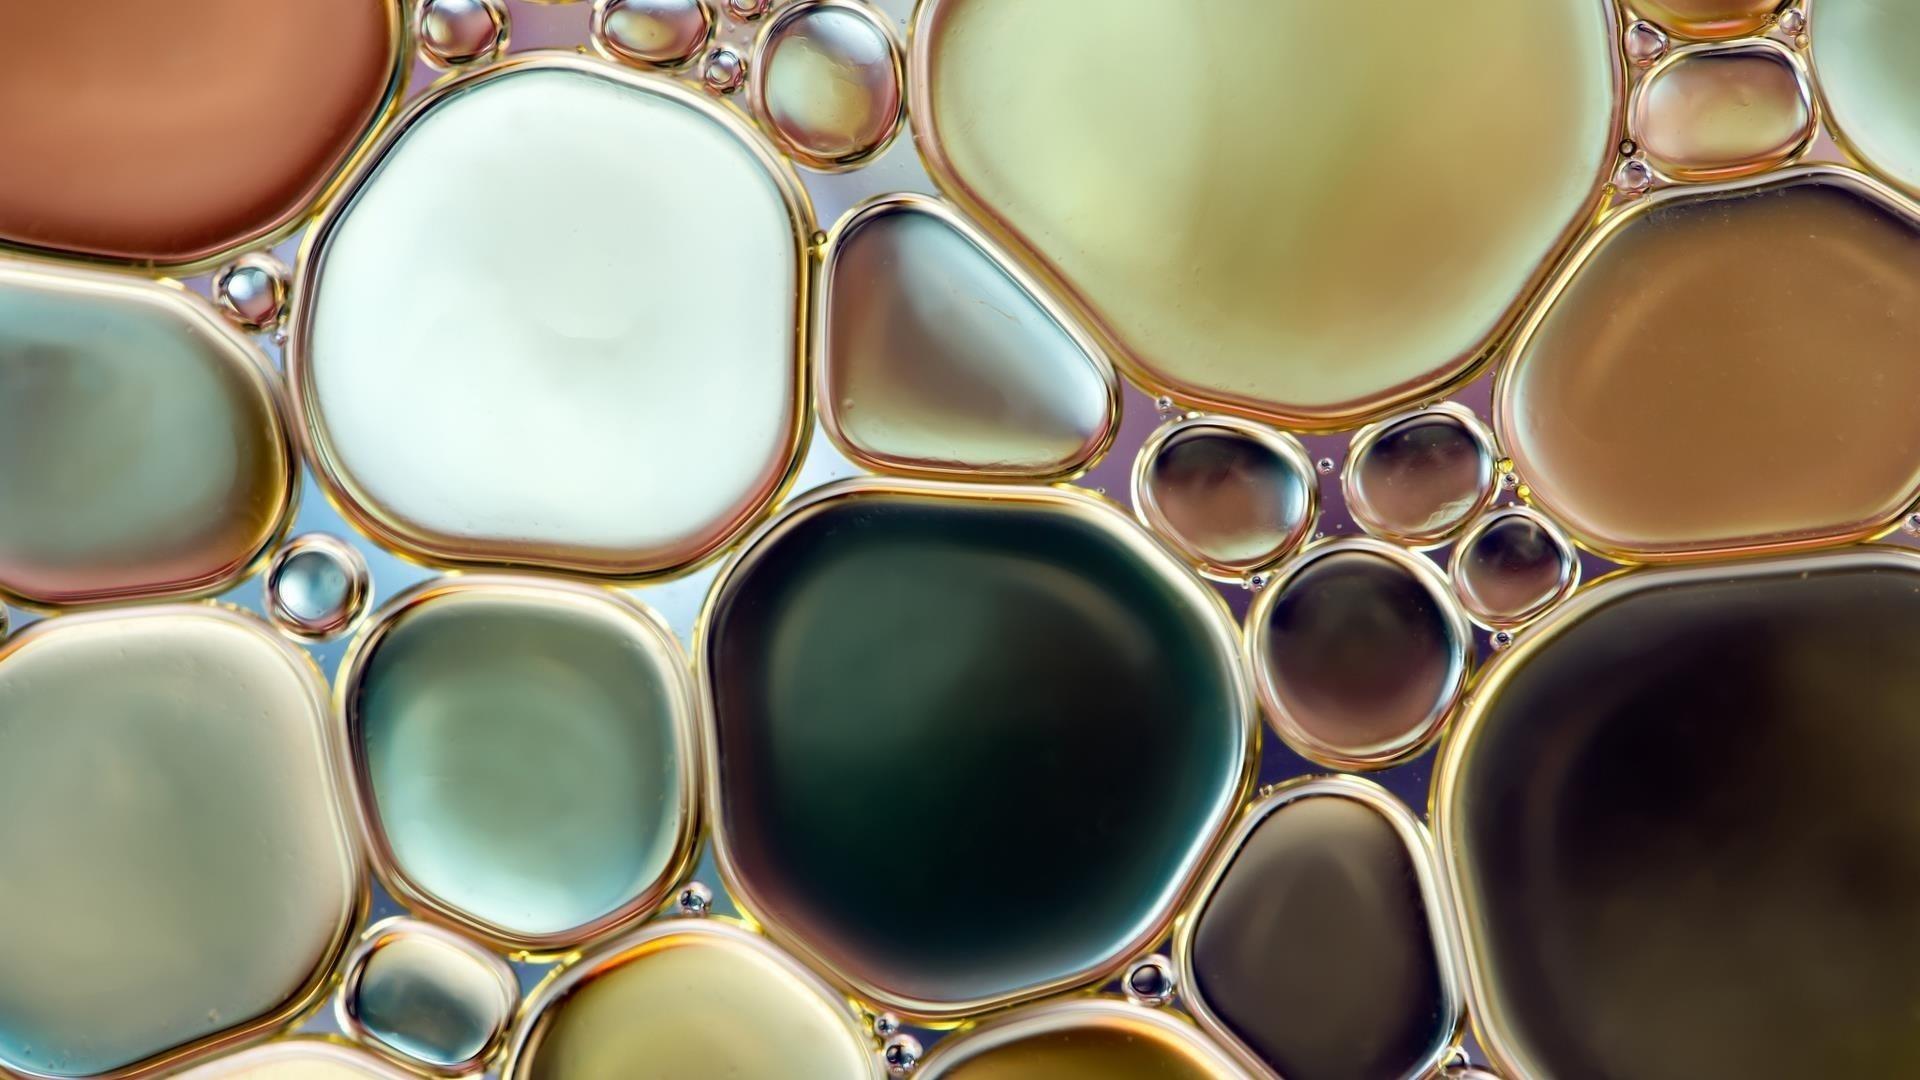 Круг водяного пузыря абстрактный обои скачать